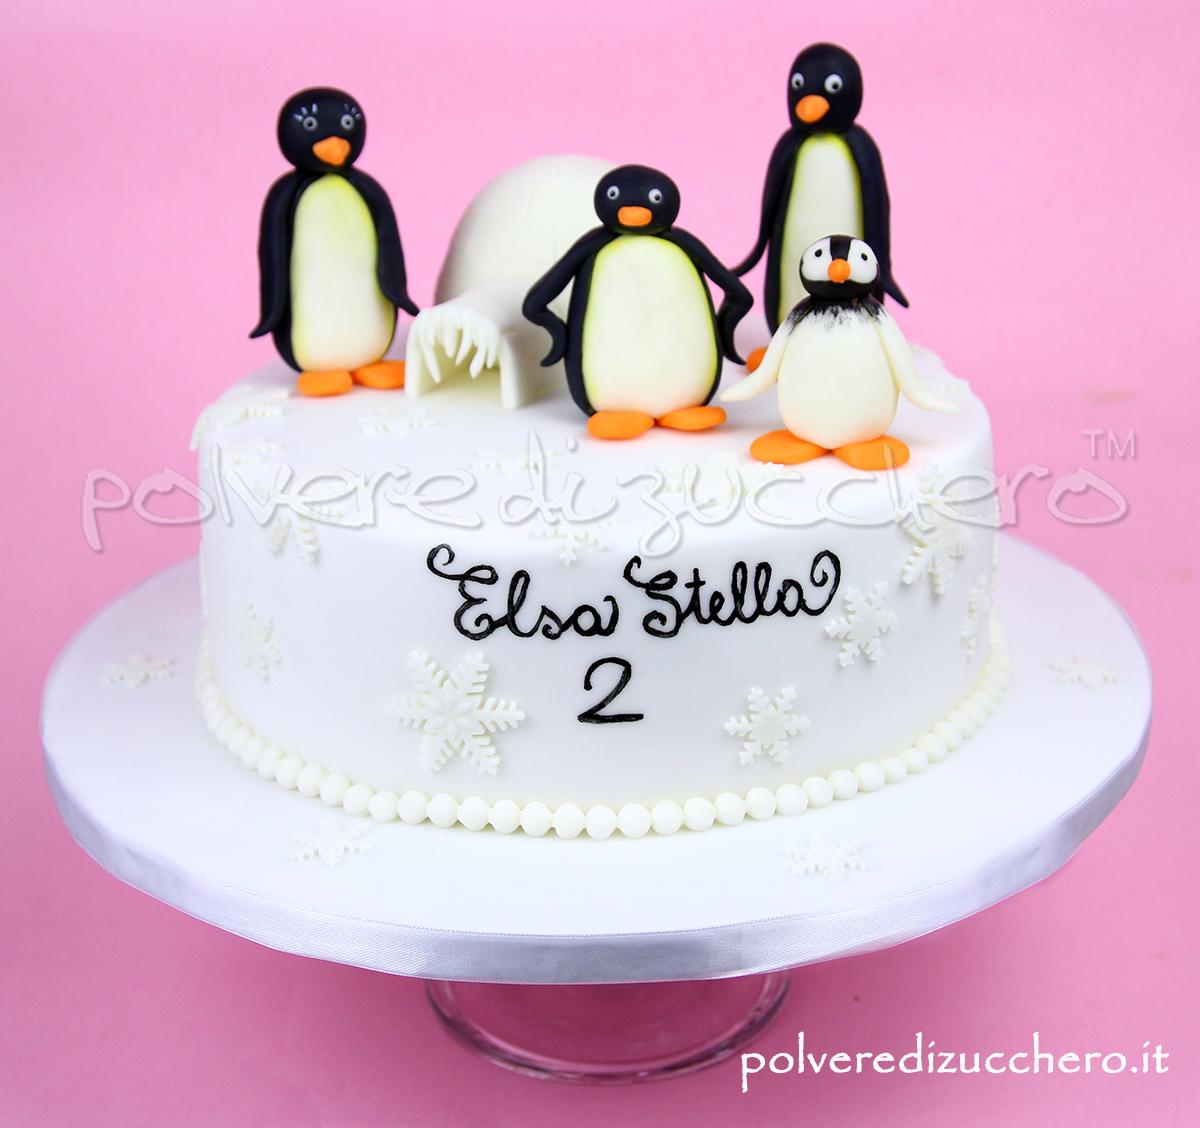 torta decorata cake design pasta di zucchero compleanno bimba pingu modelling polvere di zucchero